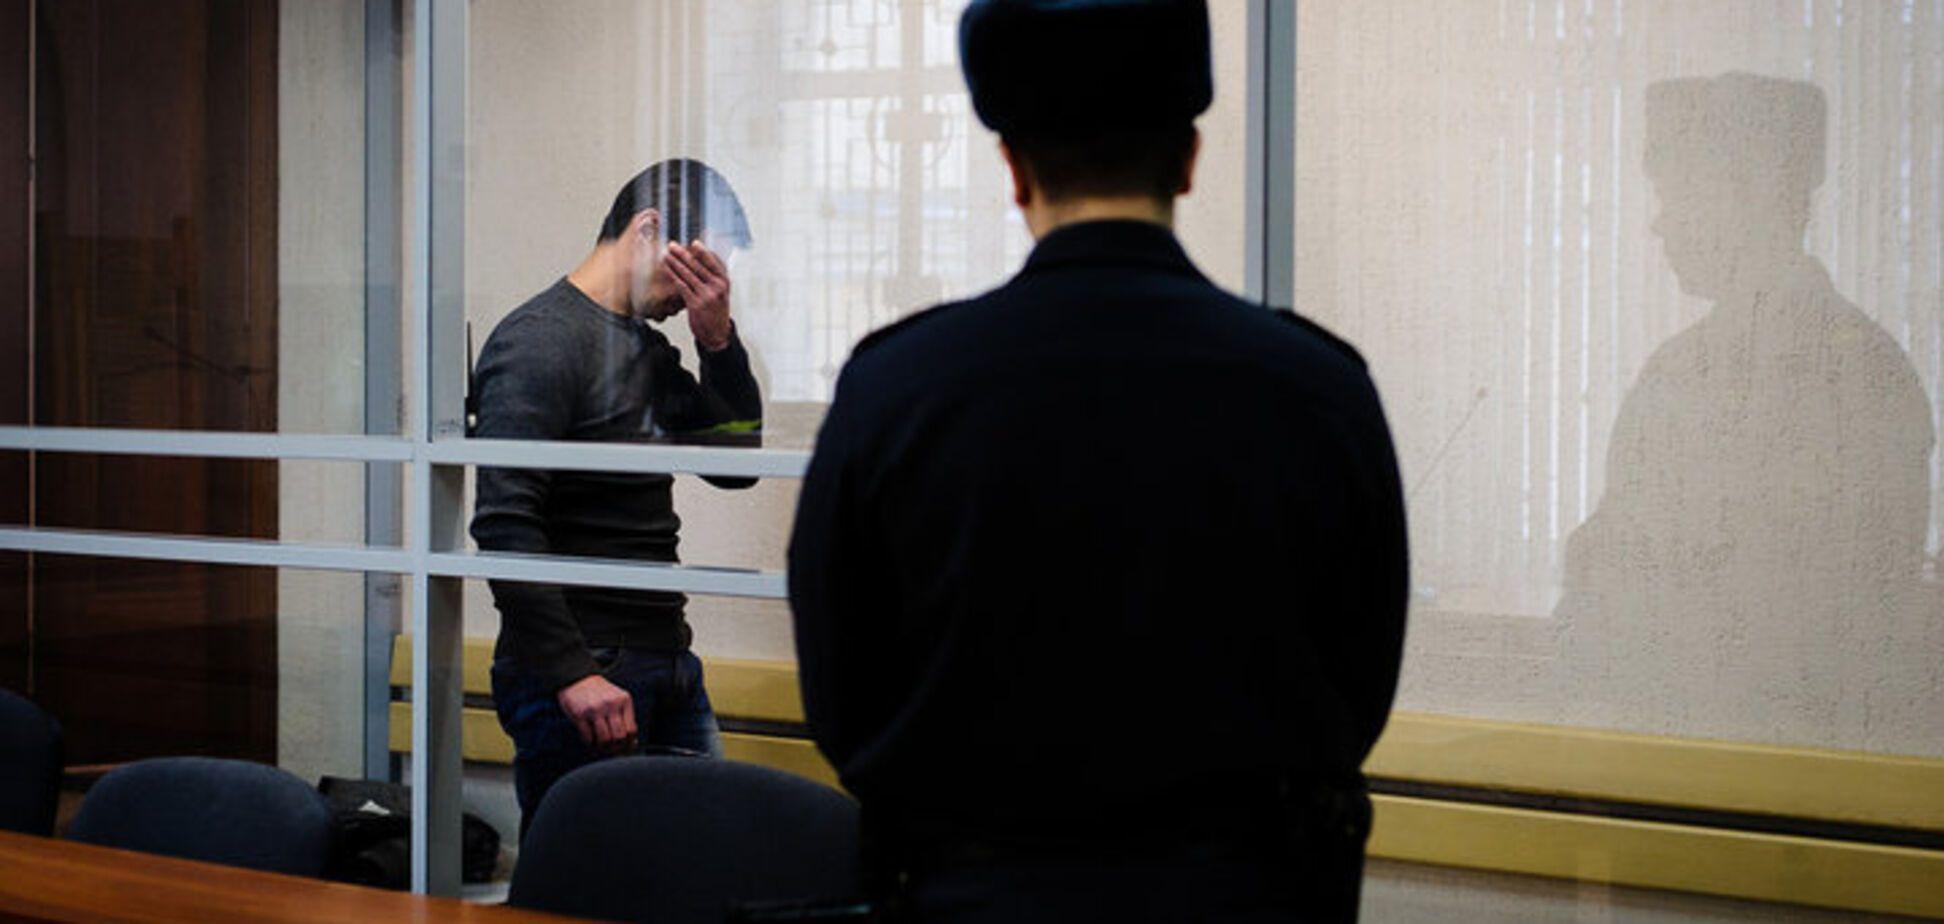 Воевал в 'ДНР': в Беларуси вынесли приговор наемнику террористов